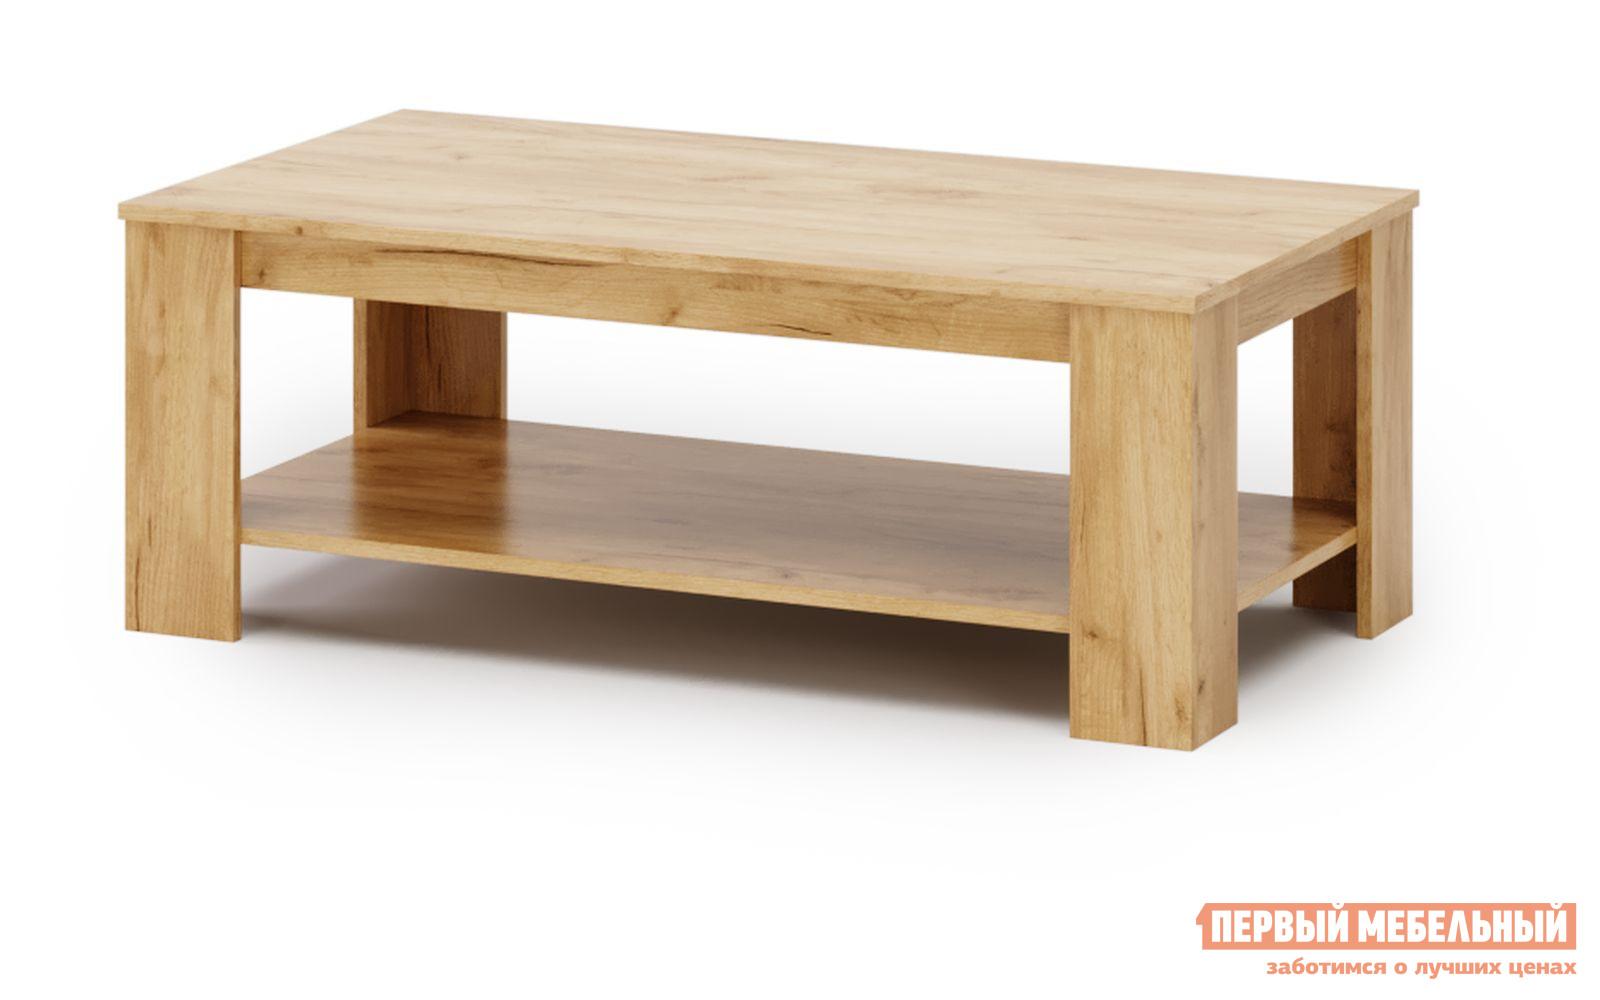 Журнальный столик Первый Мебельный Журнальный стол Денвер